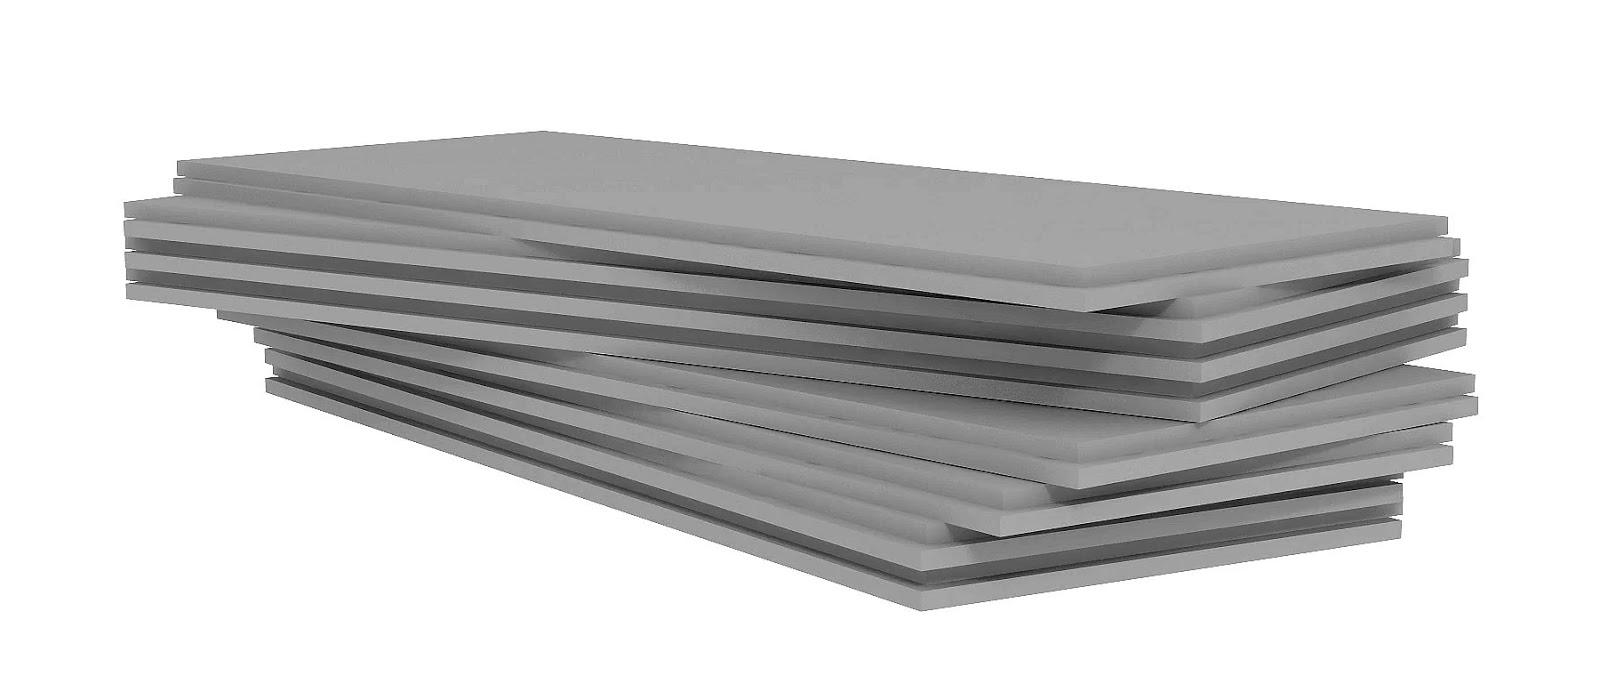 Экструдированный пенополистирол: свойства, технология производства, маркировка, особенности монтажа